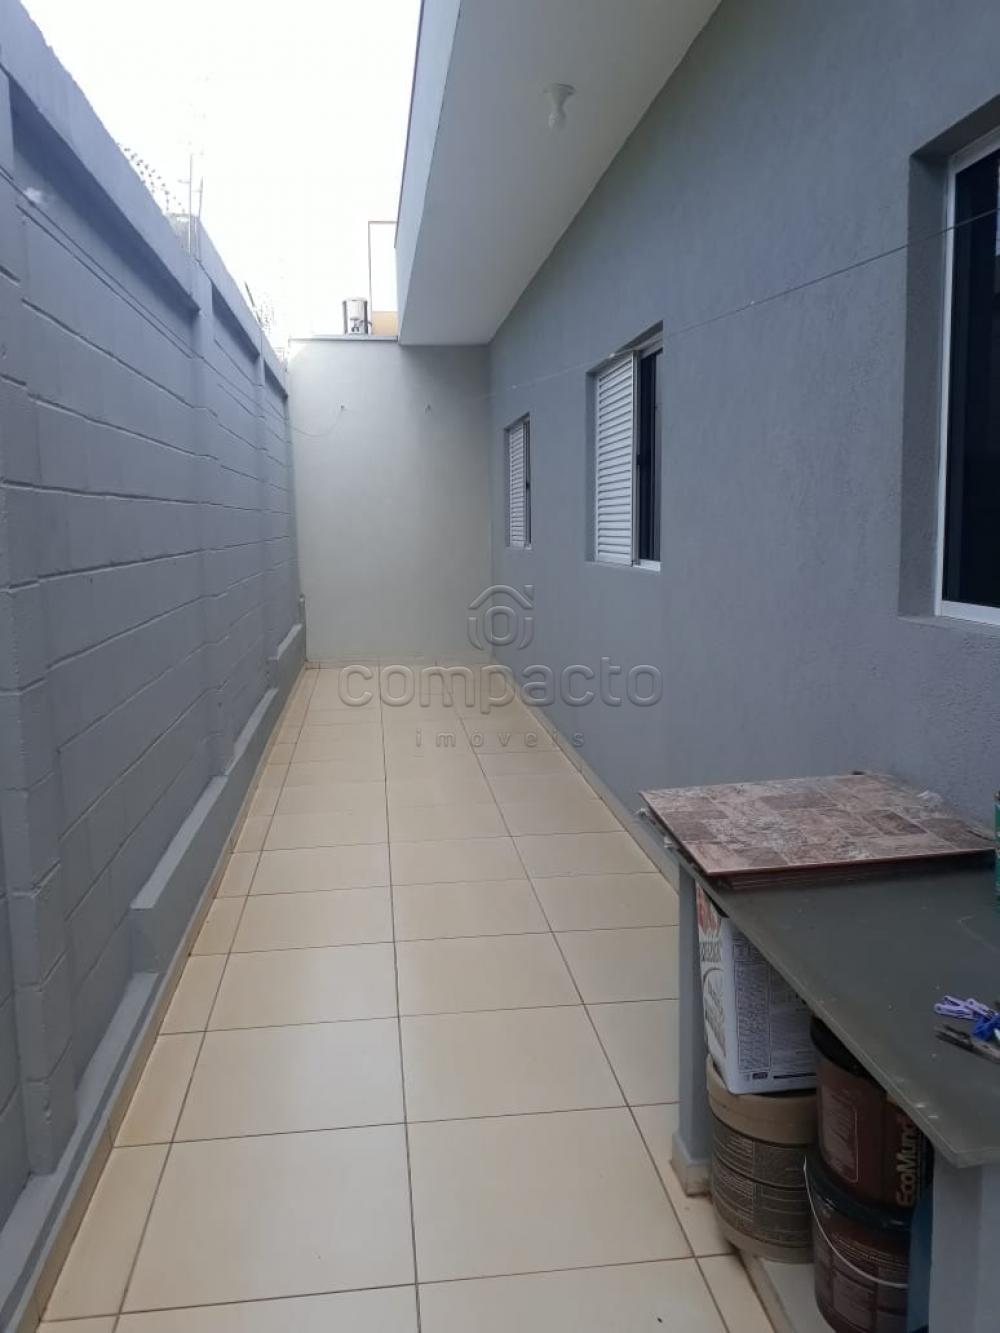 Alugar Casa / Condomínio em São José do Rio Preto apenas R$ 2.500,00 - Foto 20